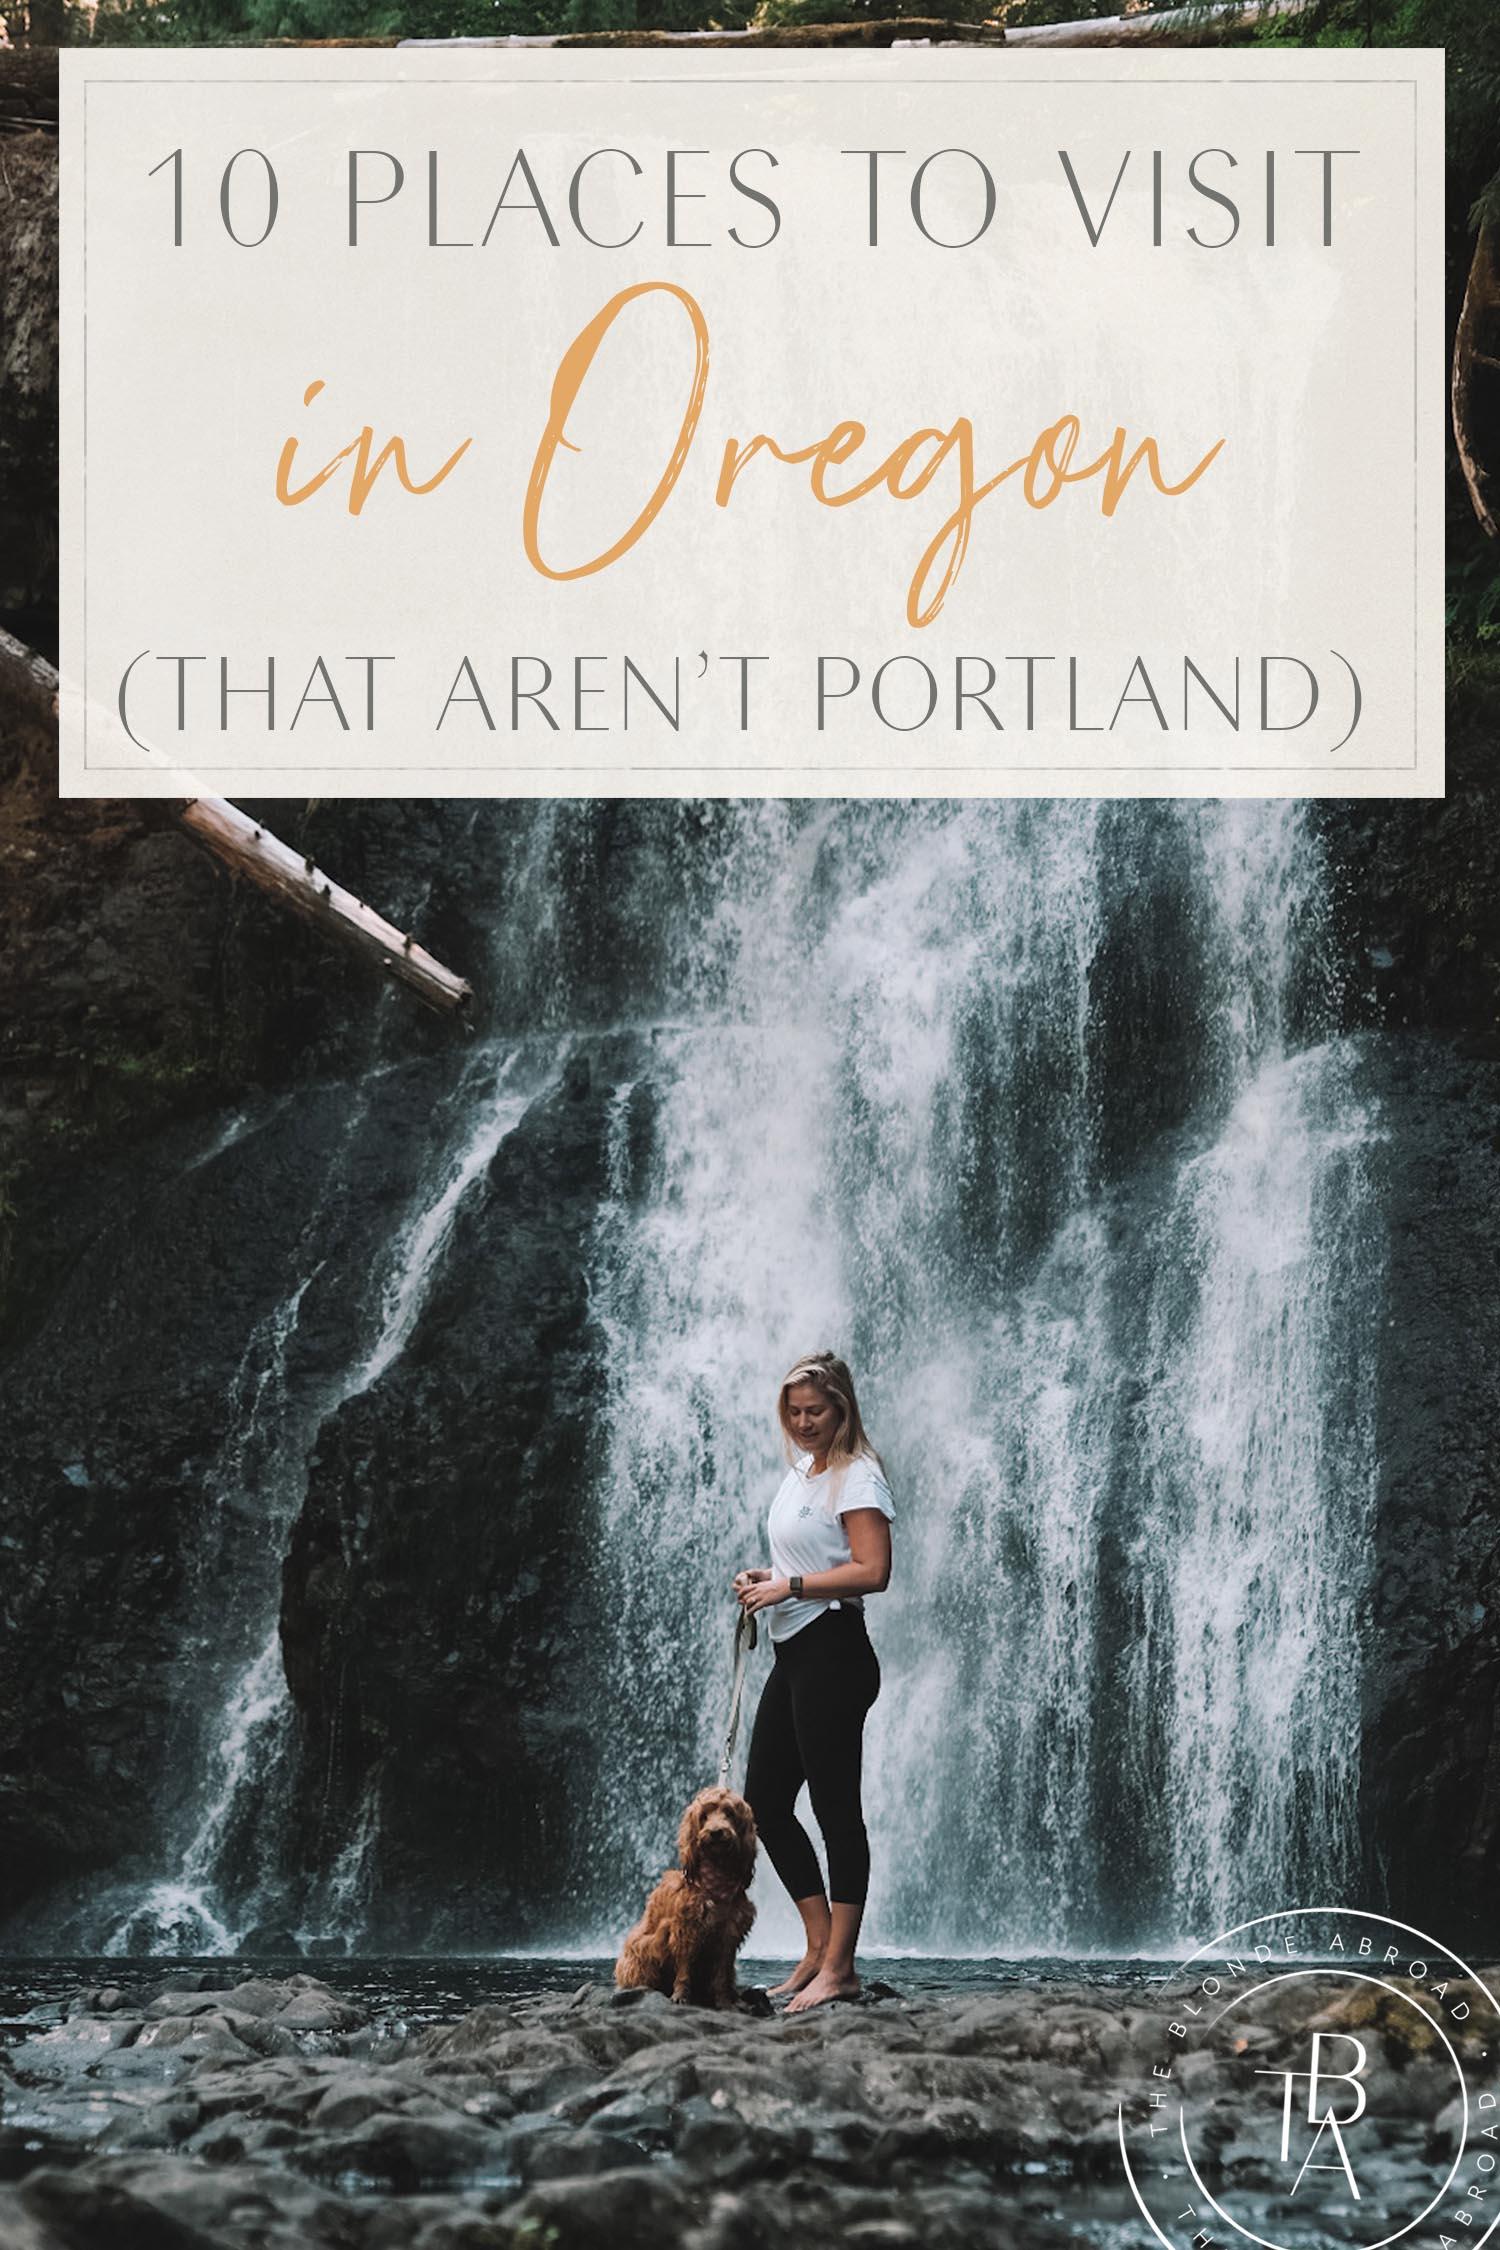 10 Places Oregon That Aren't Portland